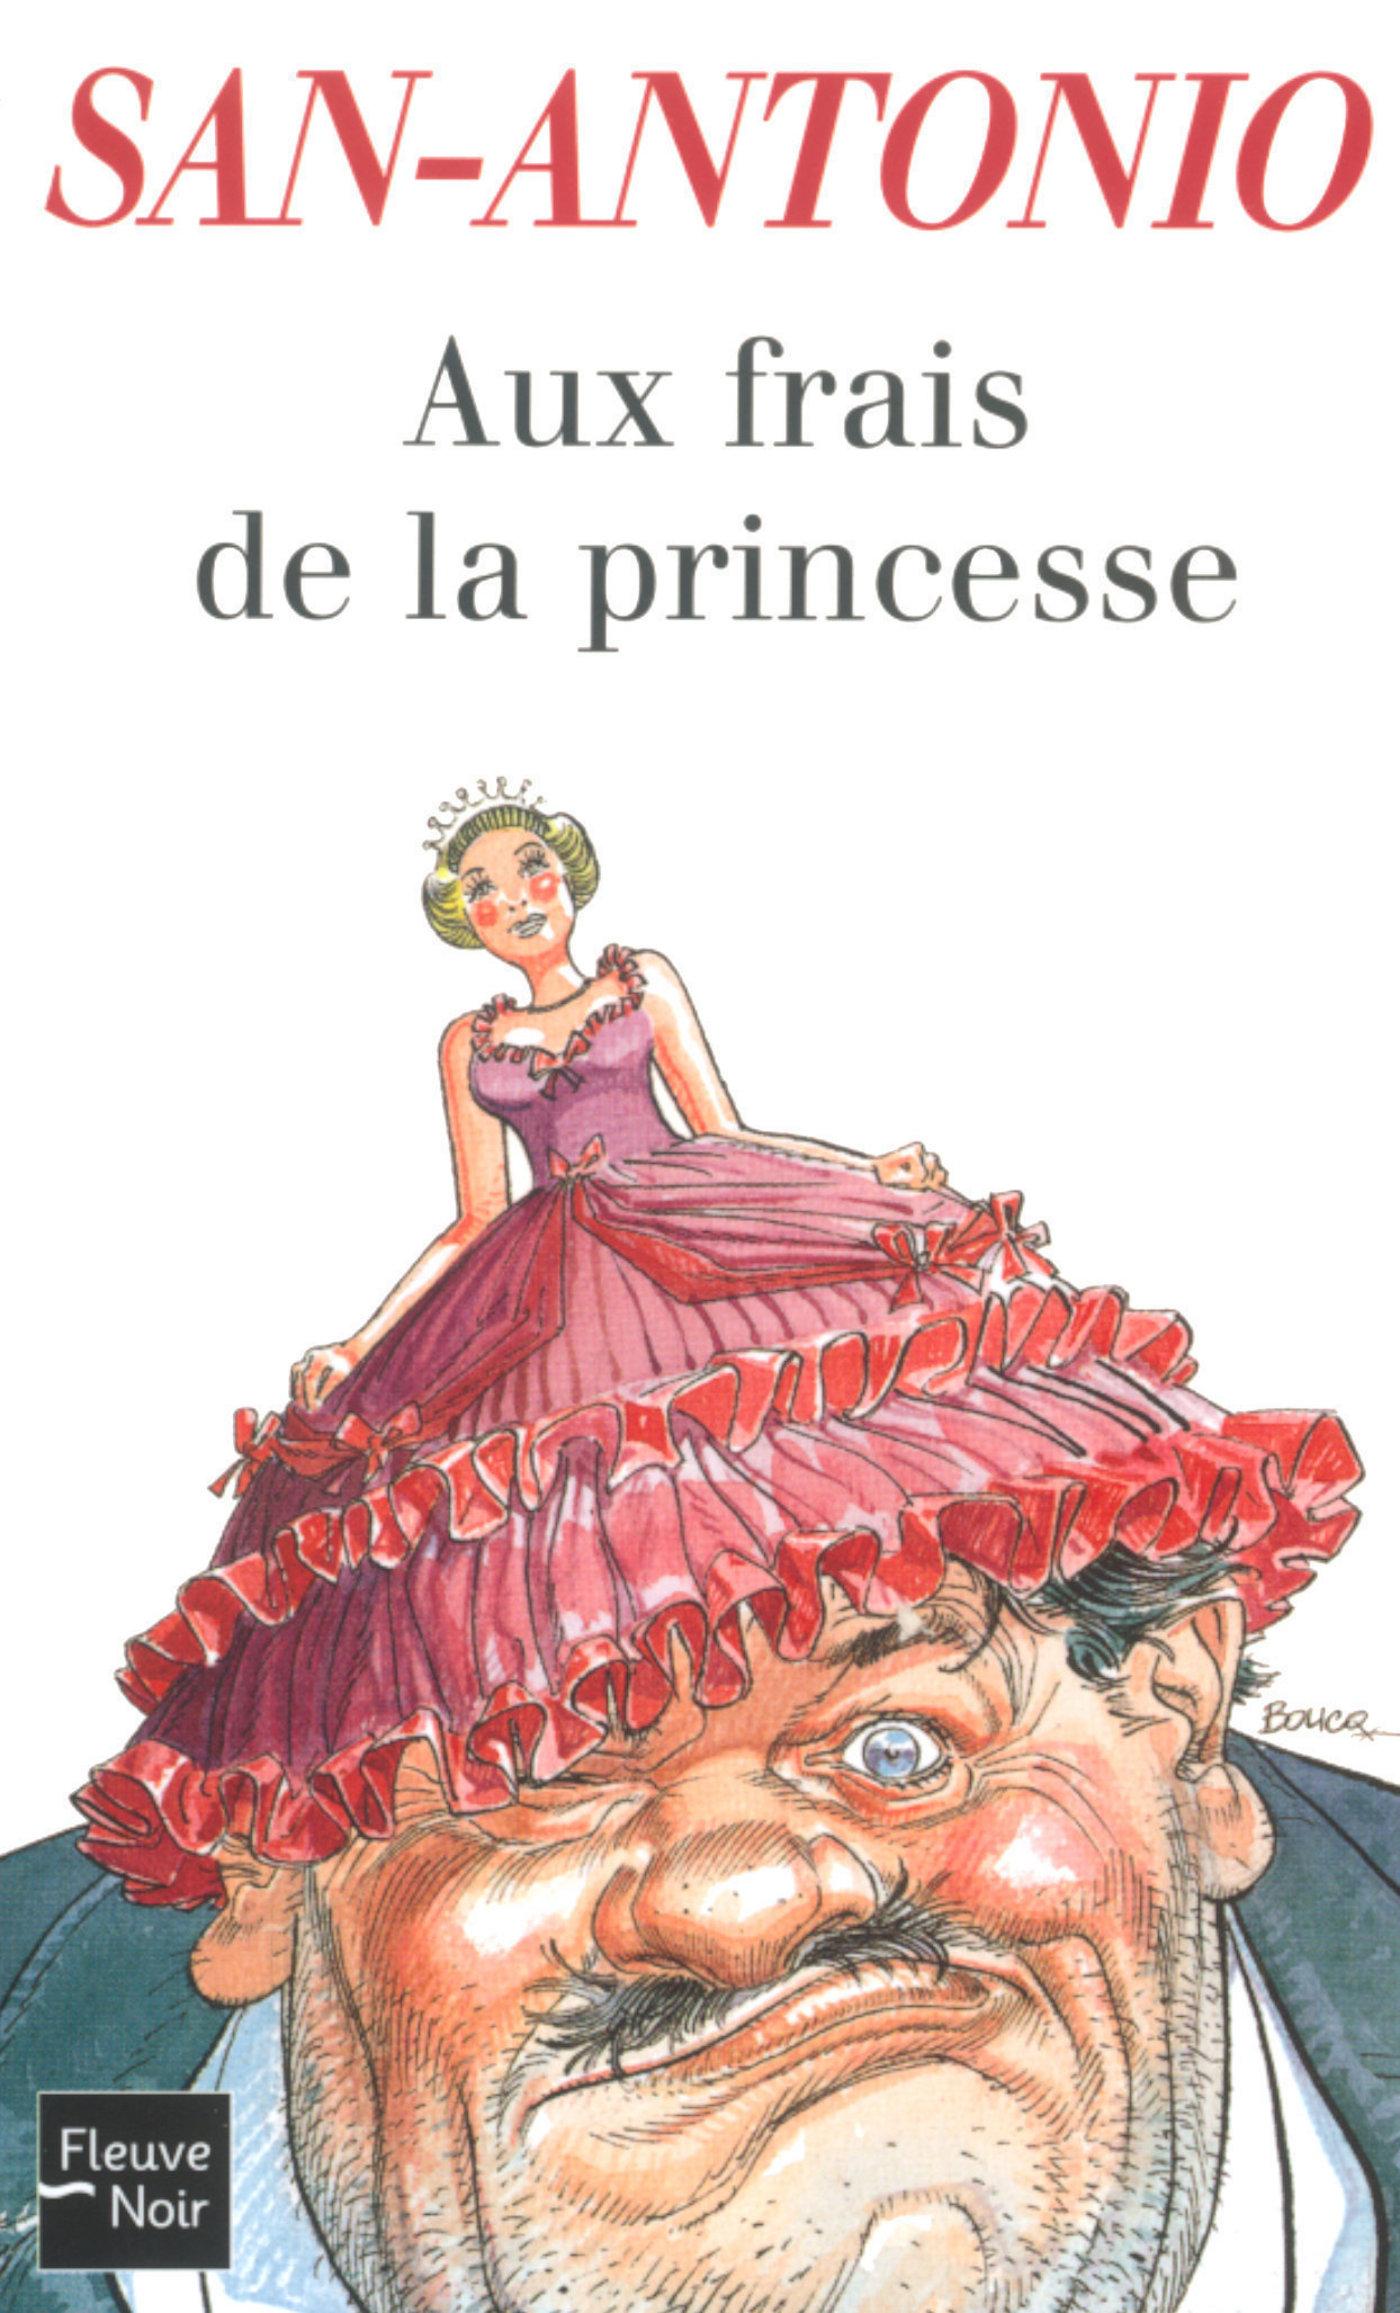 Au Frais De La Princesse : frais, princesse, Frais, Princesse, San-Antonio, Leslibraires.ca